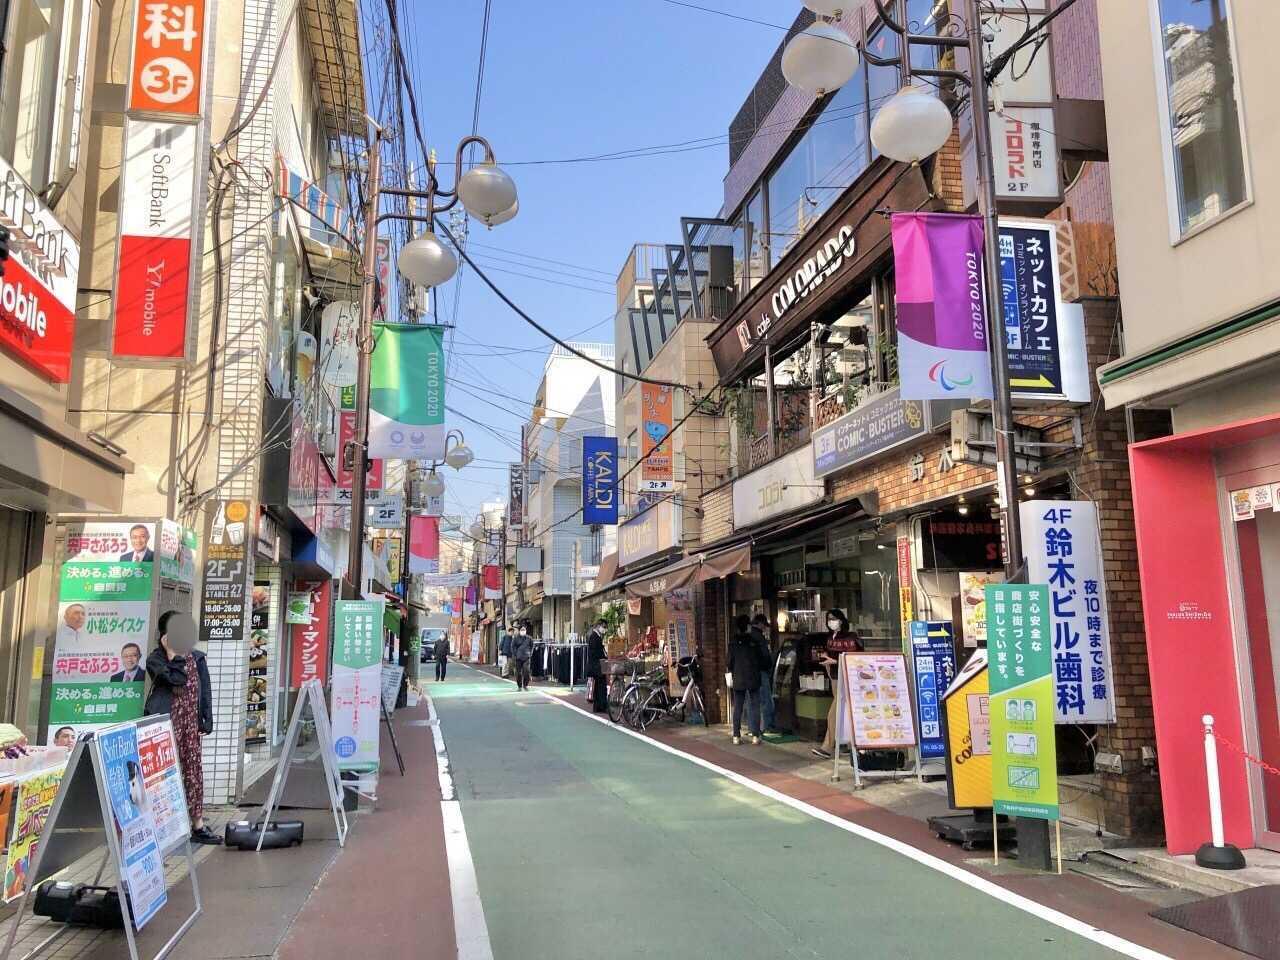 こちらは大通り。下高井戸駅とお隣の桜上水駅の周辺には小学校から大学までが揃っていて、子どもから大人まで多くの人が行き交います。